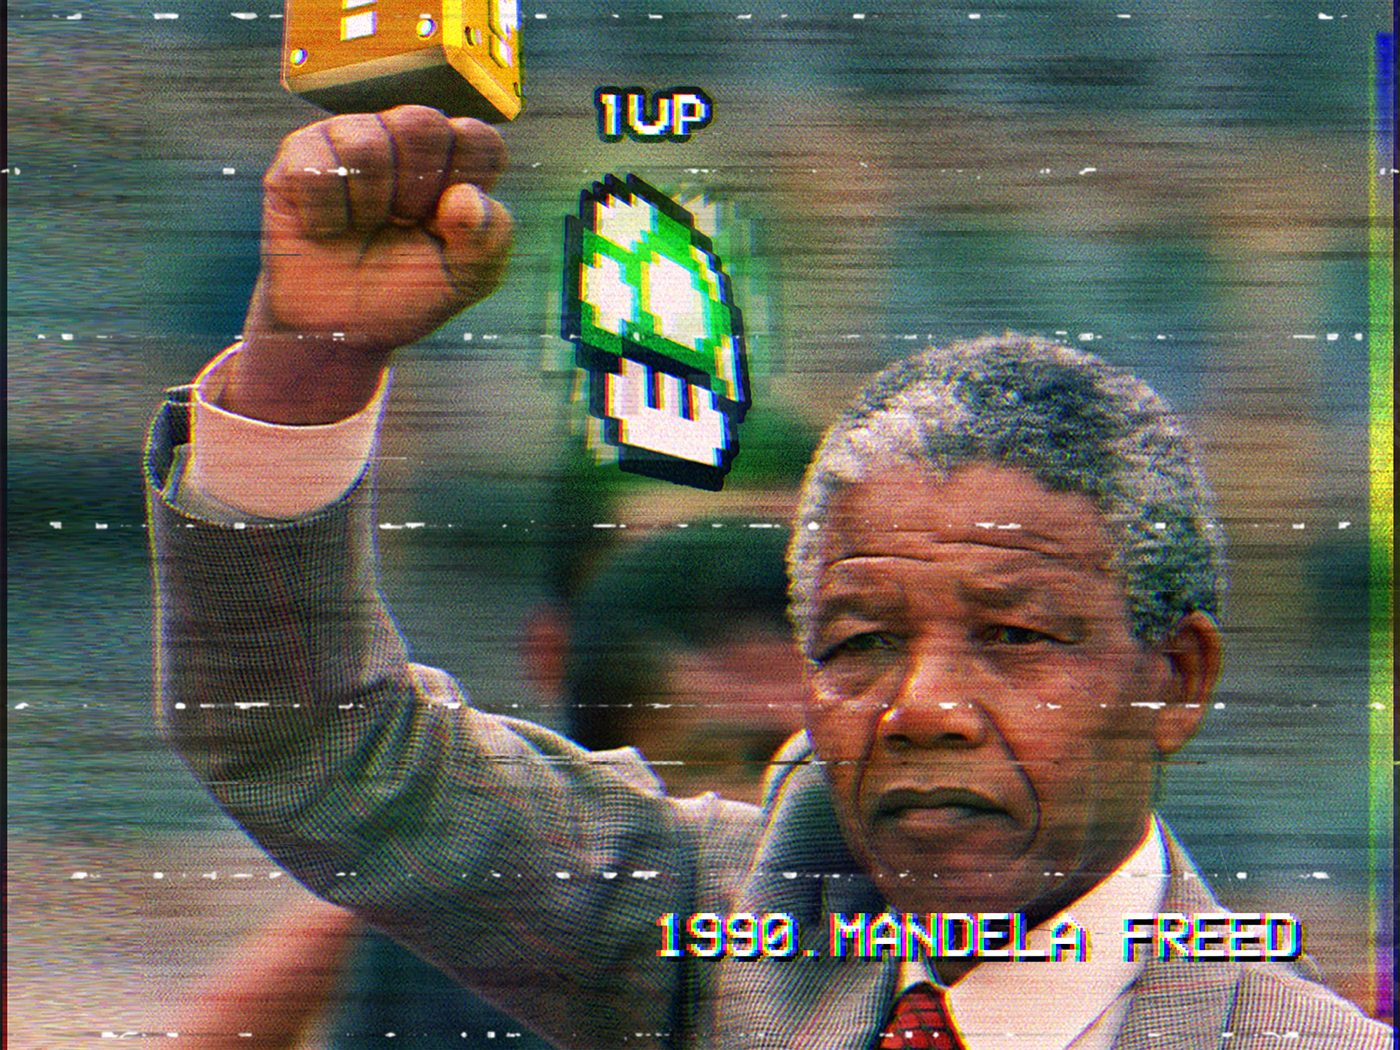 mario bros 30 anos de historia do game12 - MarioBros um game com 30 anos de história